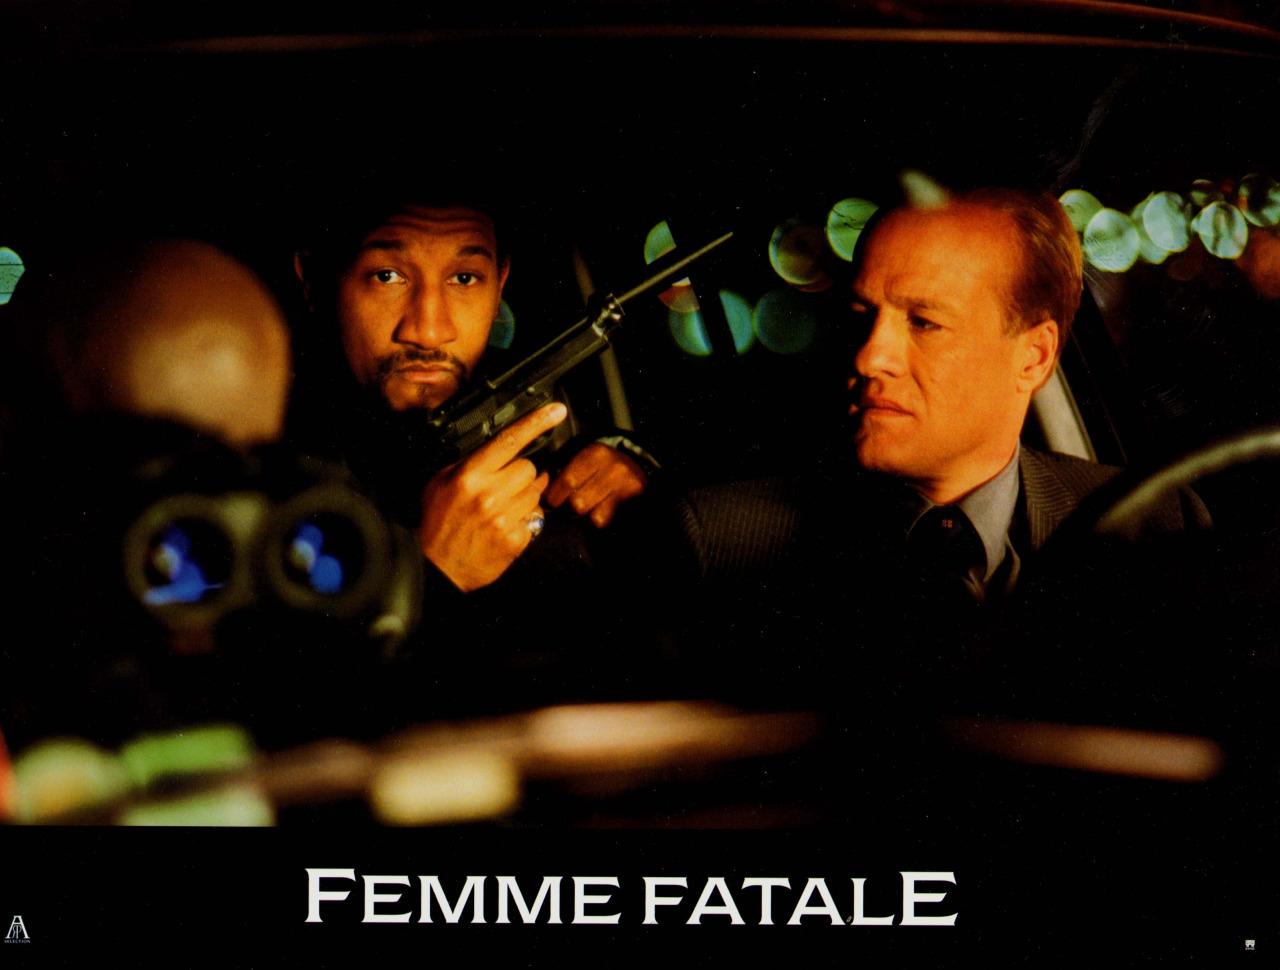 Dating femme fatale